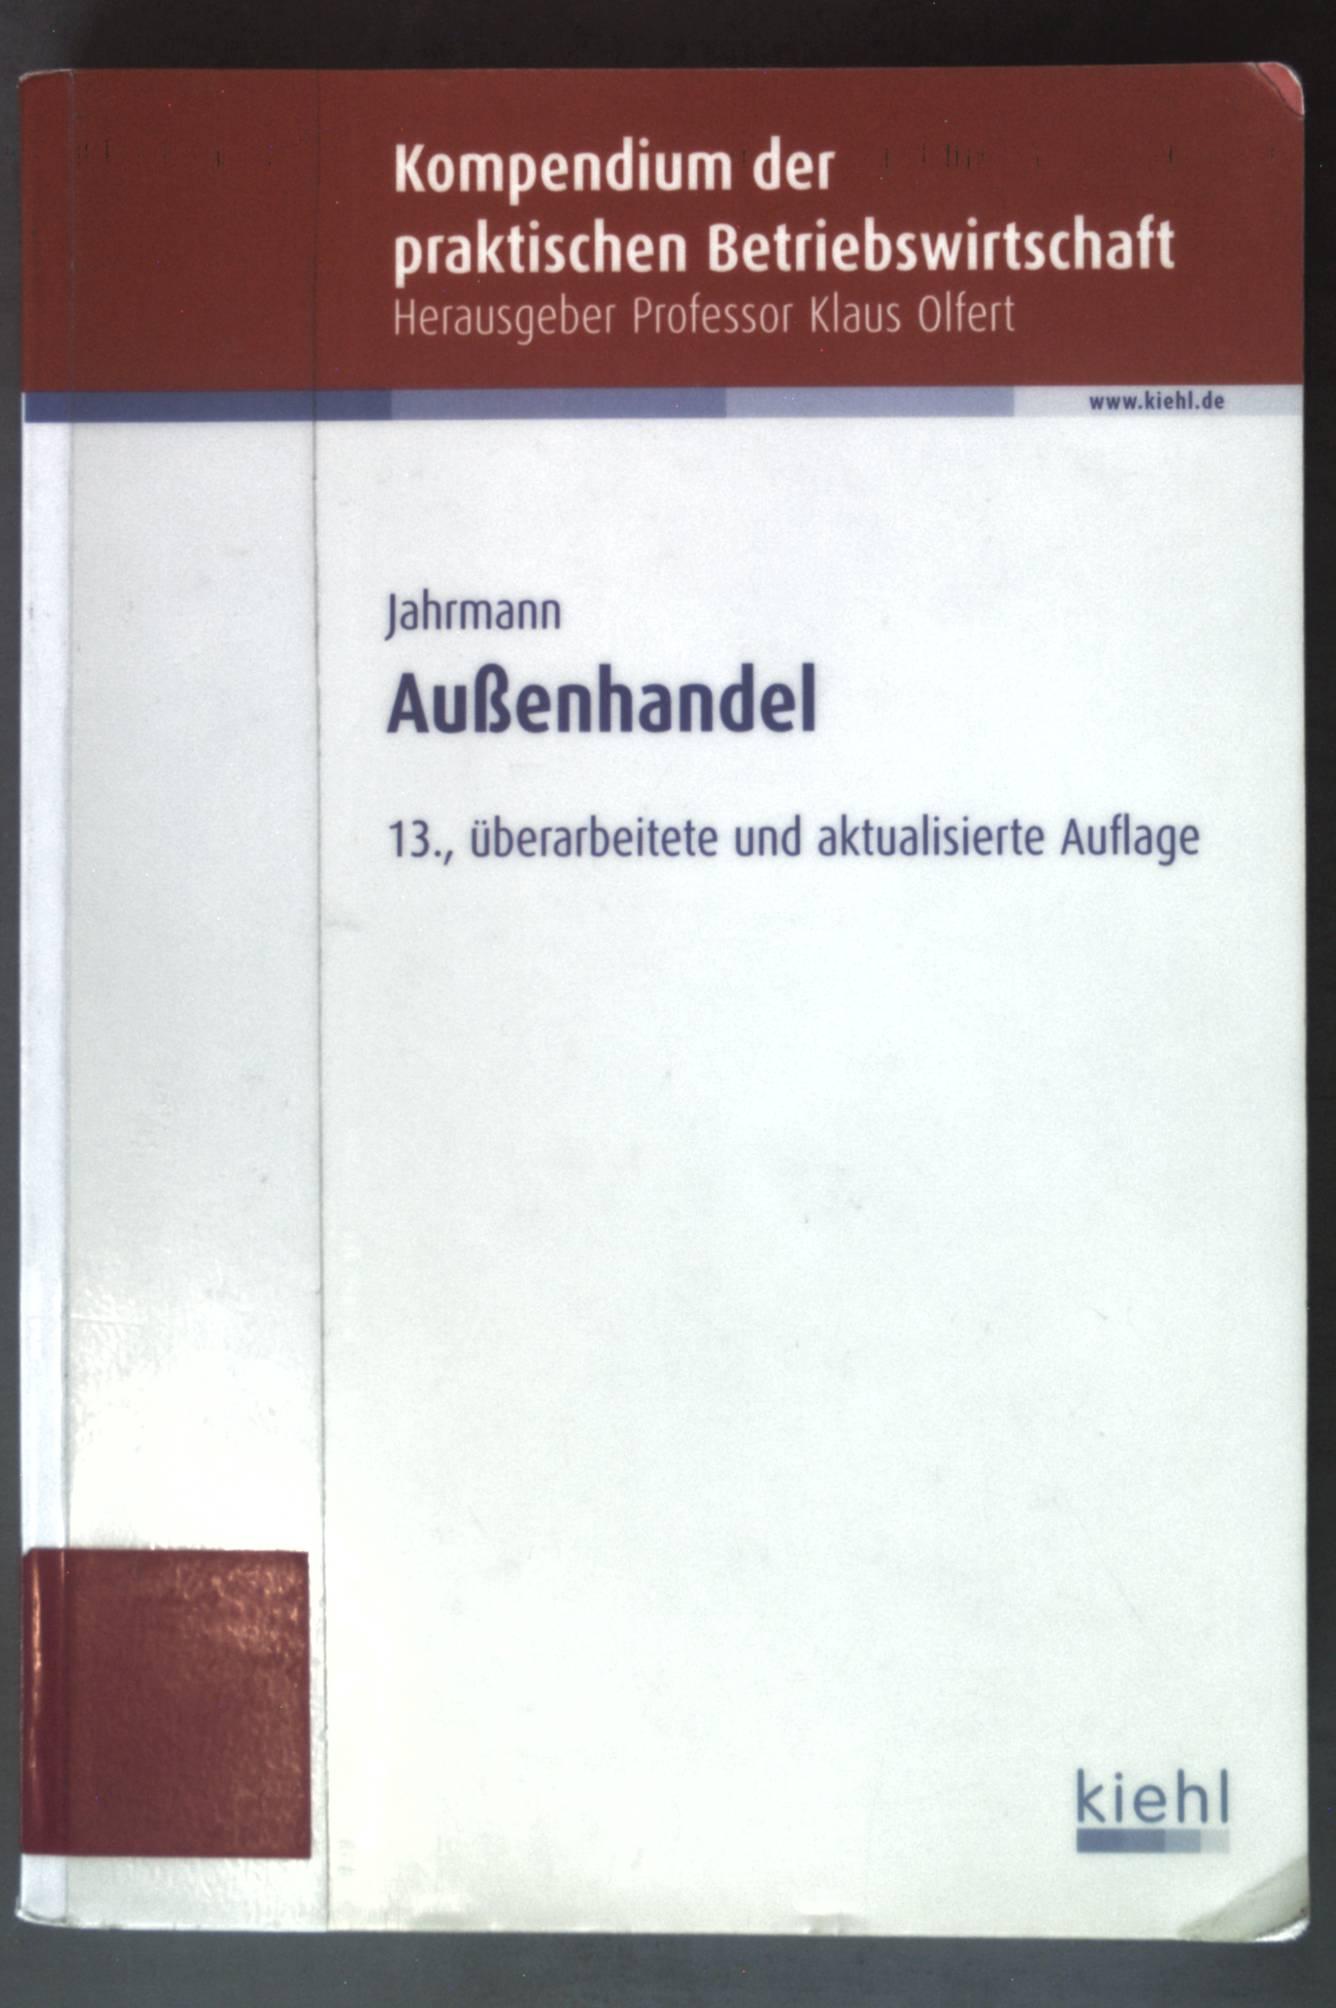 Außenhandel. Kompendium der praktischen Betriebswirtschaft 13., überarb. und aktualisierte Aufl. - Jahrmann, Fritz-Ulrich